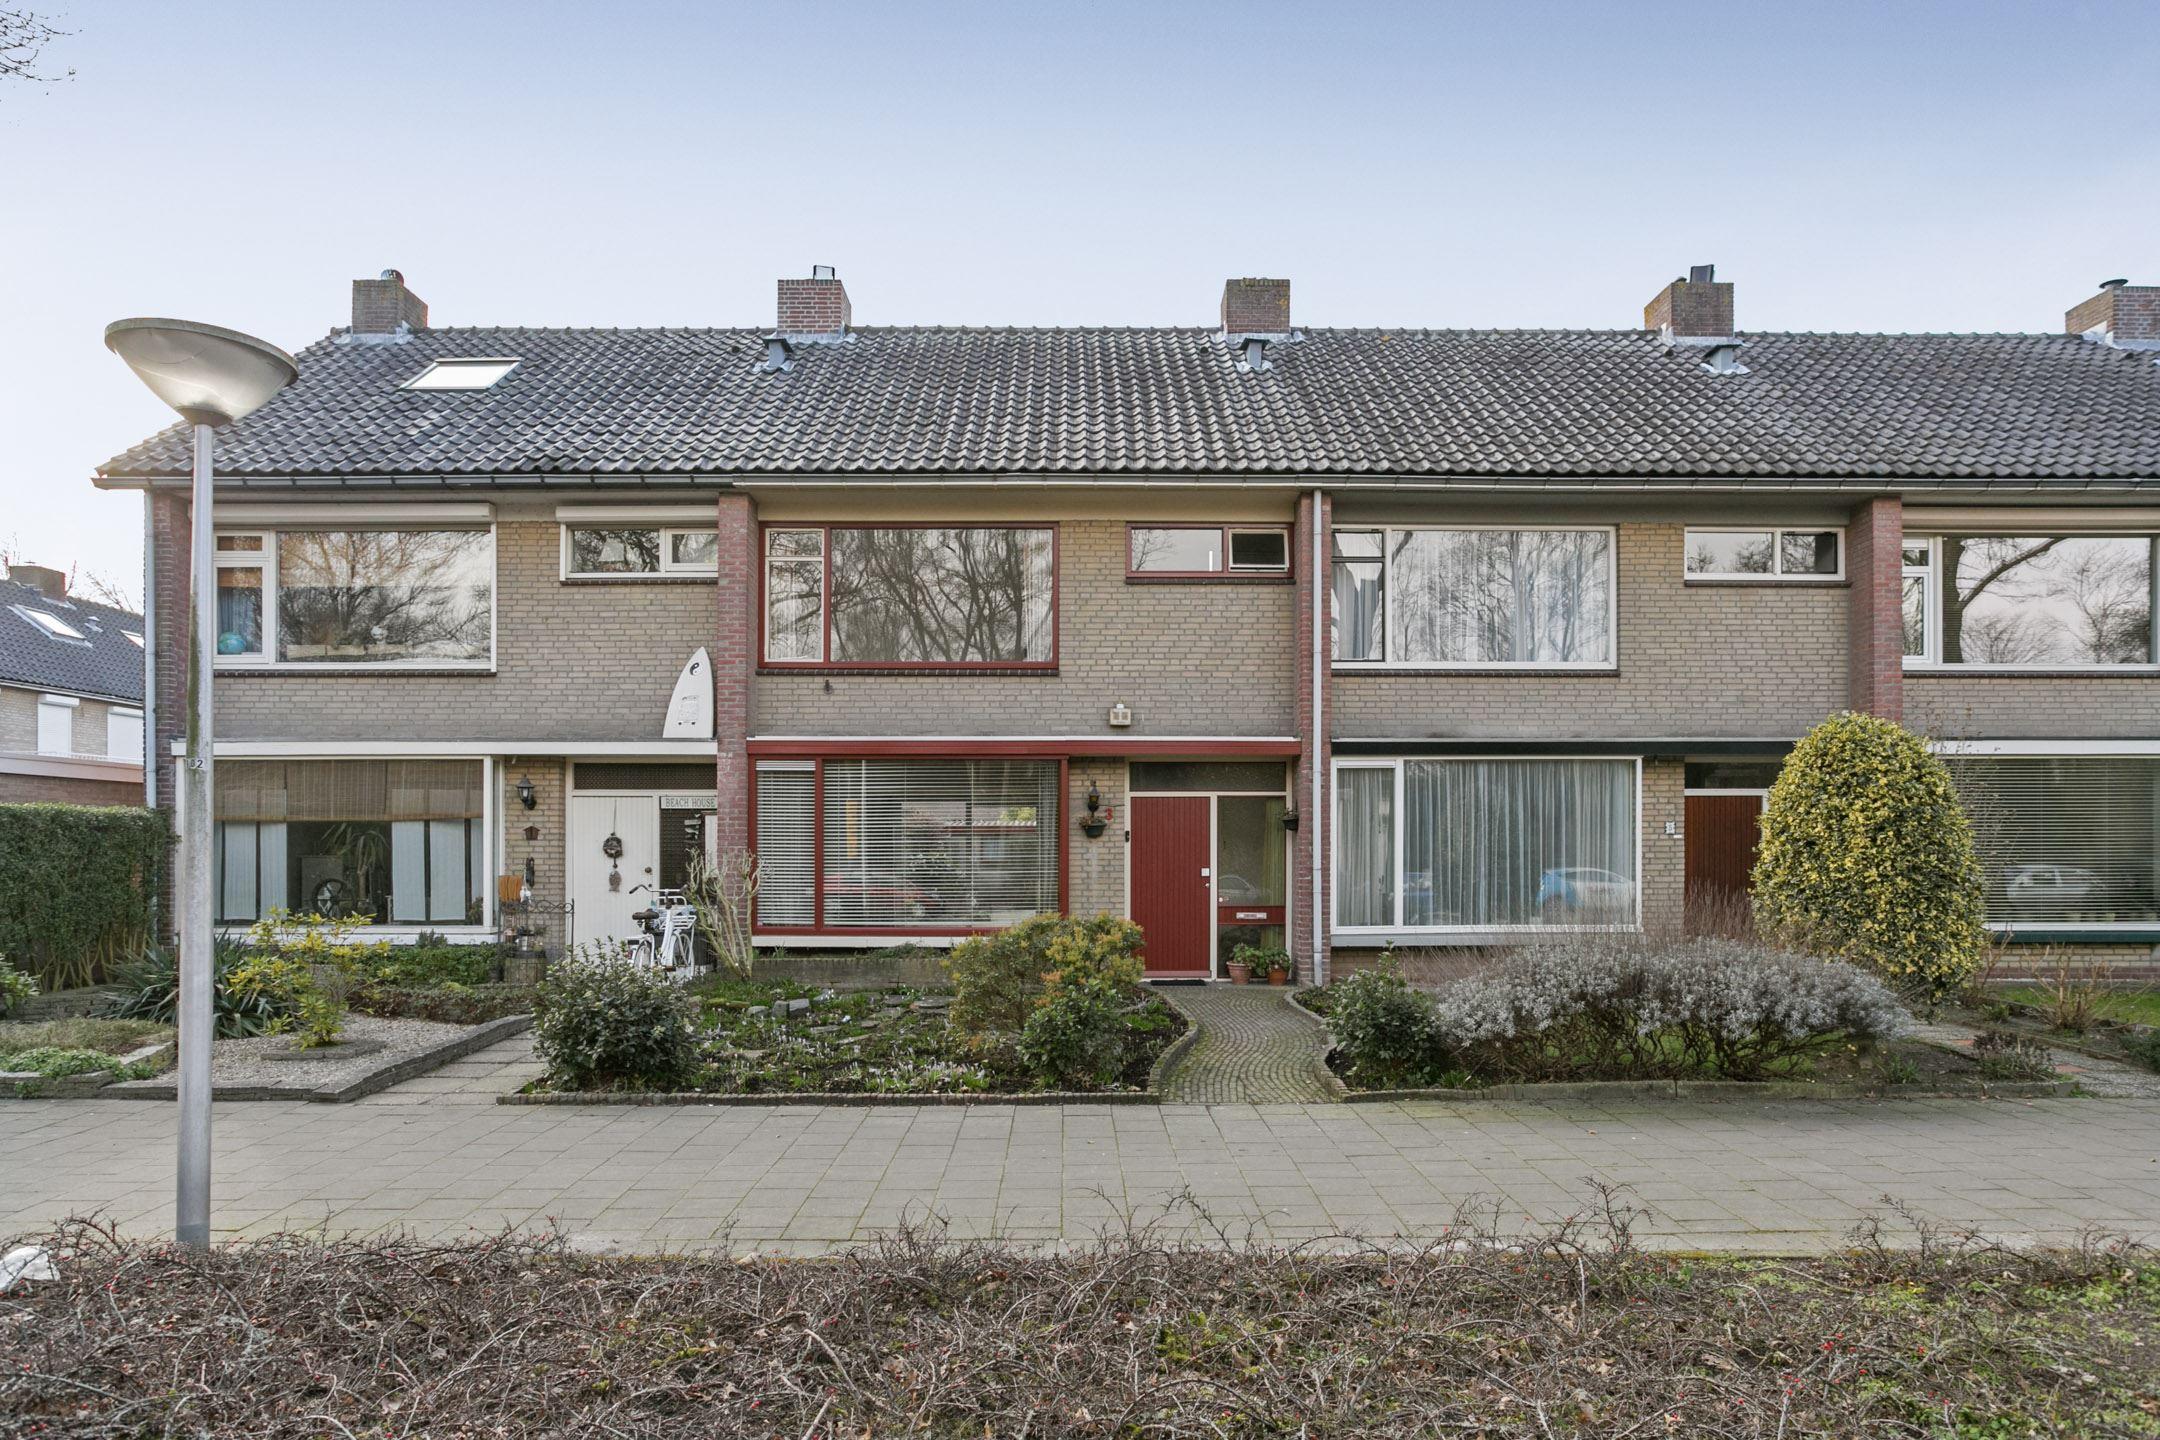 Rode Vloerbedekking Slaapkamer : Verkocht rode kruislaan ga eindhoven funda